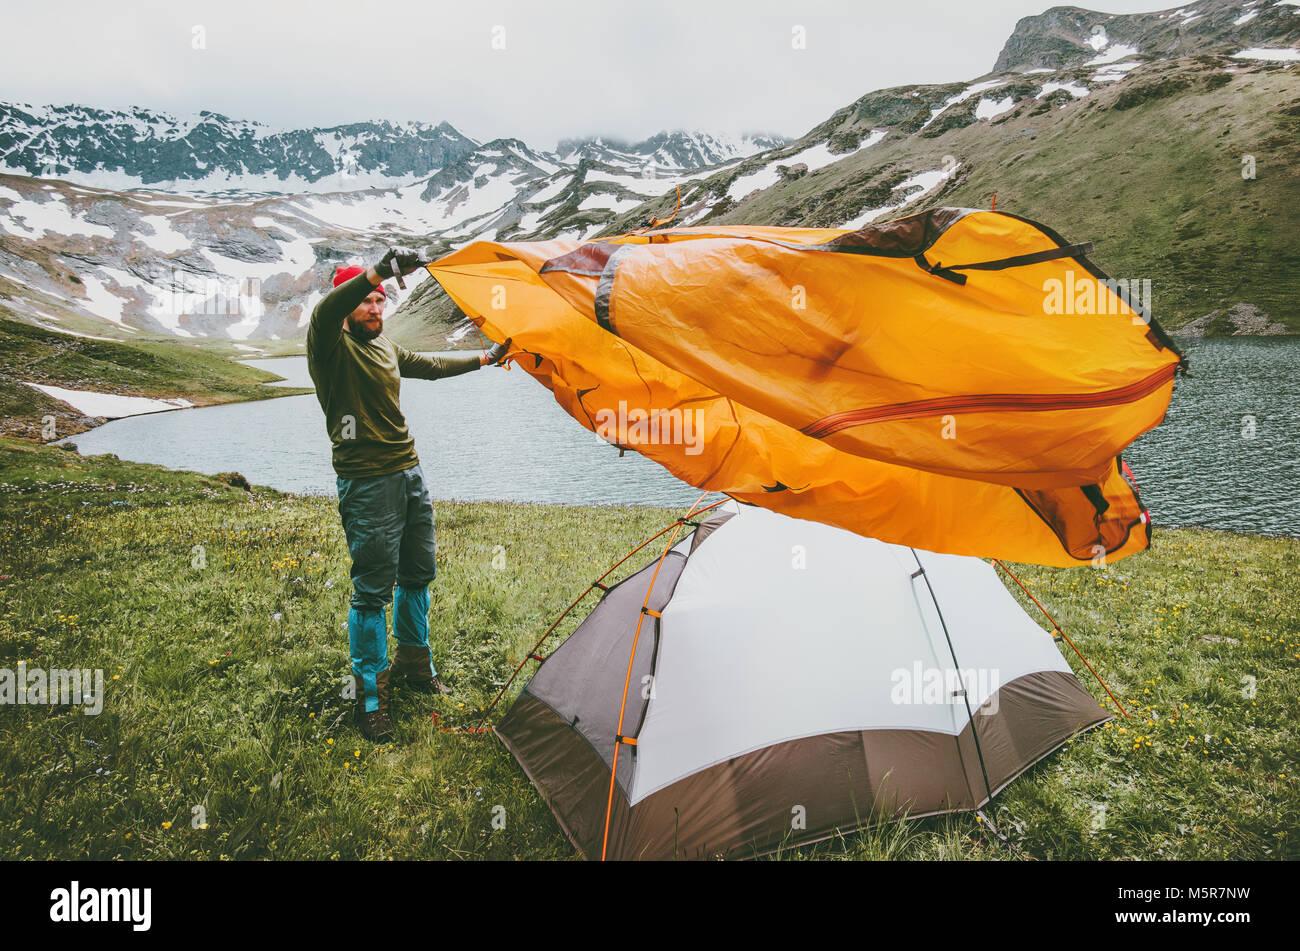 L'uomo avventuriero pitching tende da campeggio marcia corsa all'aperto di sopravvivenza il concetto di Immagini Stock